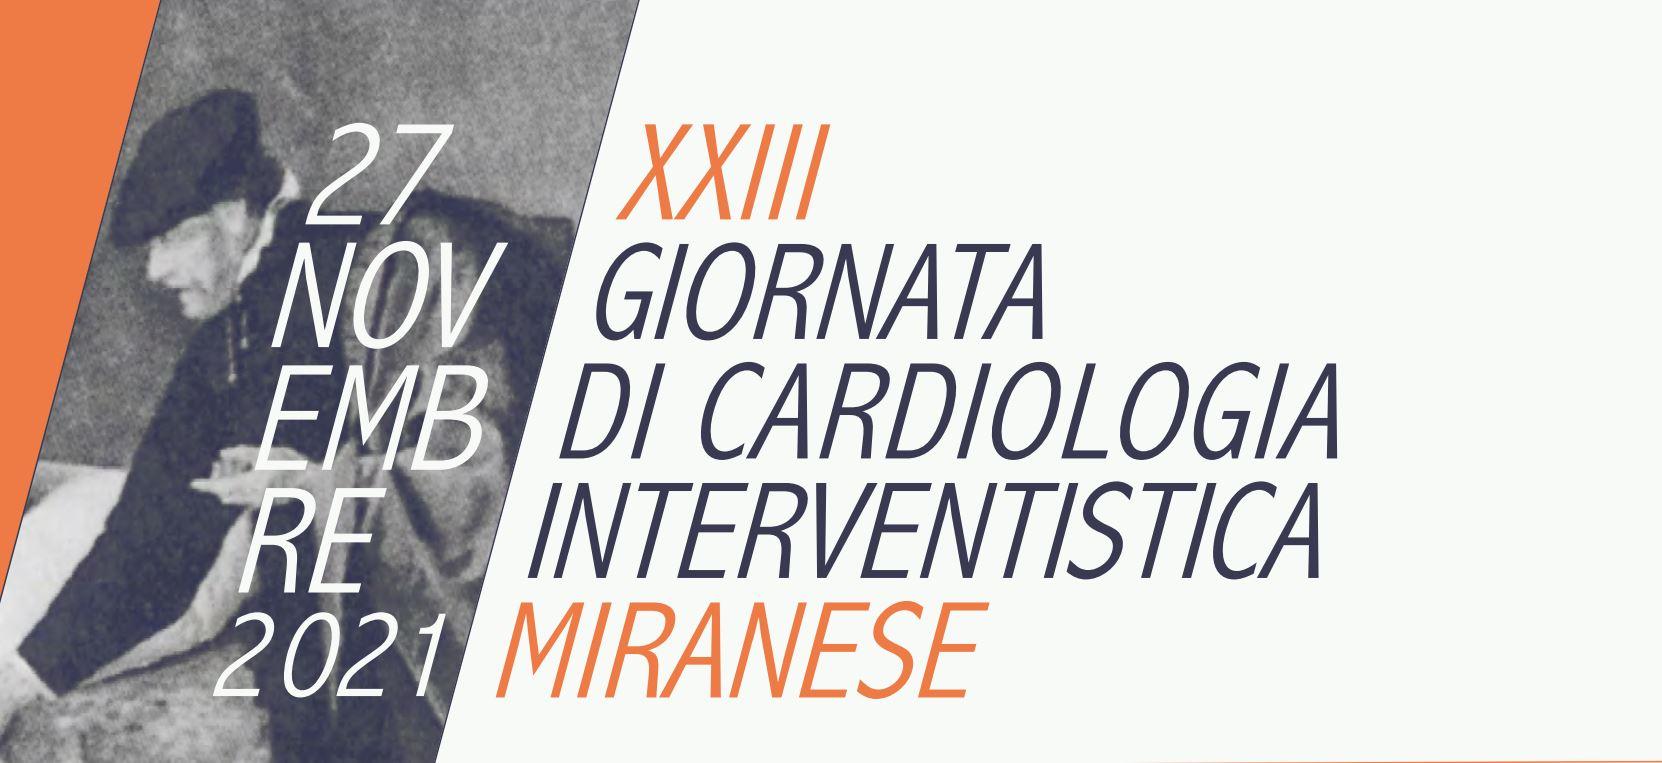 XXIII GIORNATA DI CARDIOLOGIA INTERVENTISTICA MIRANESE